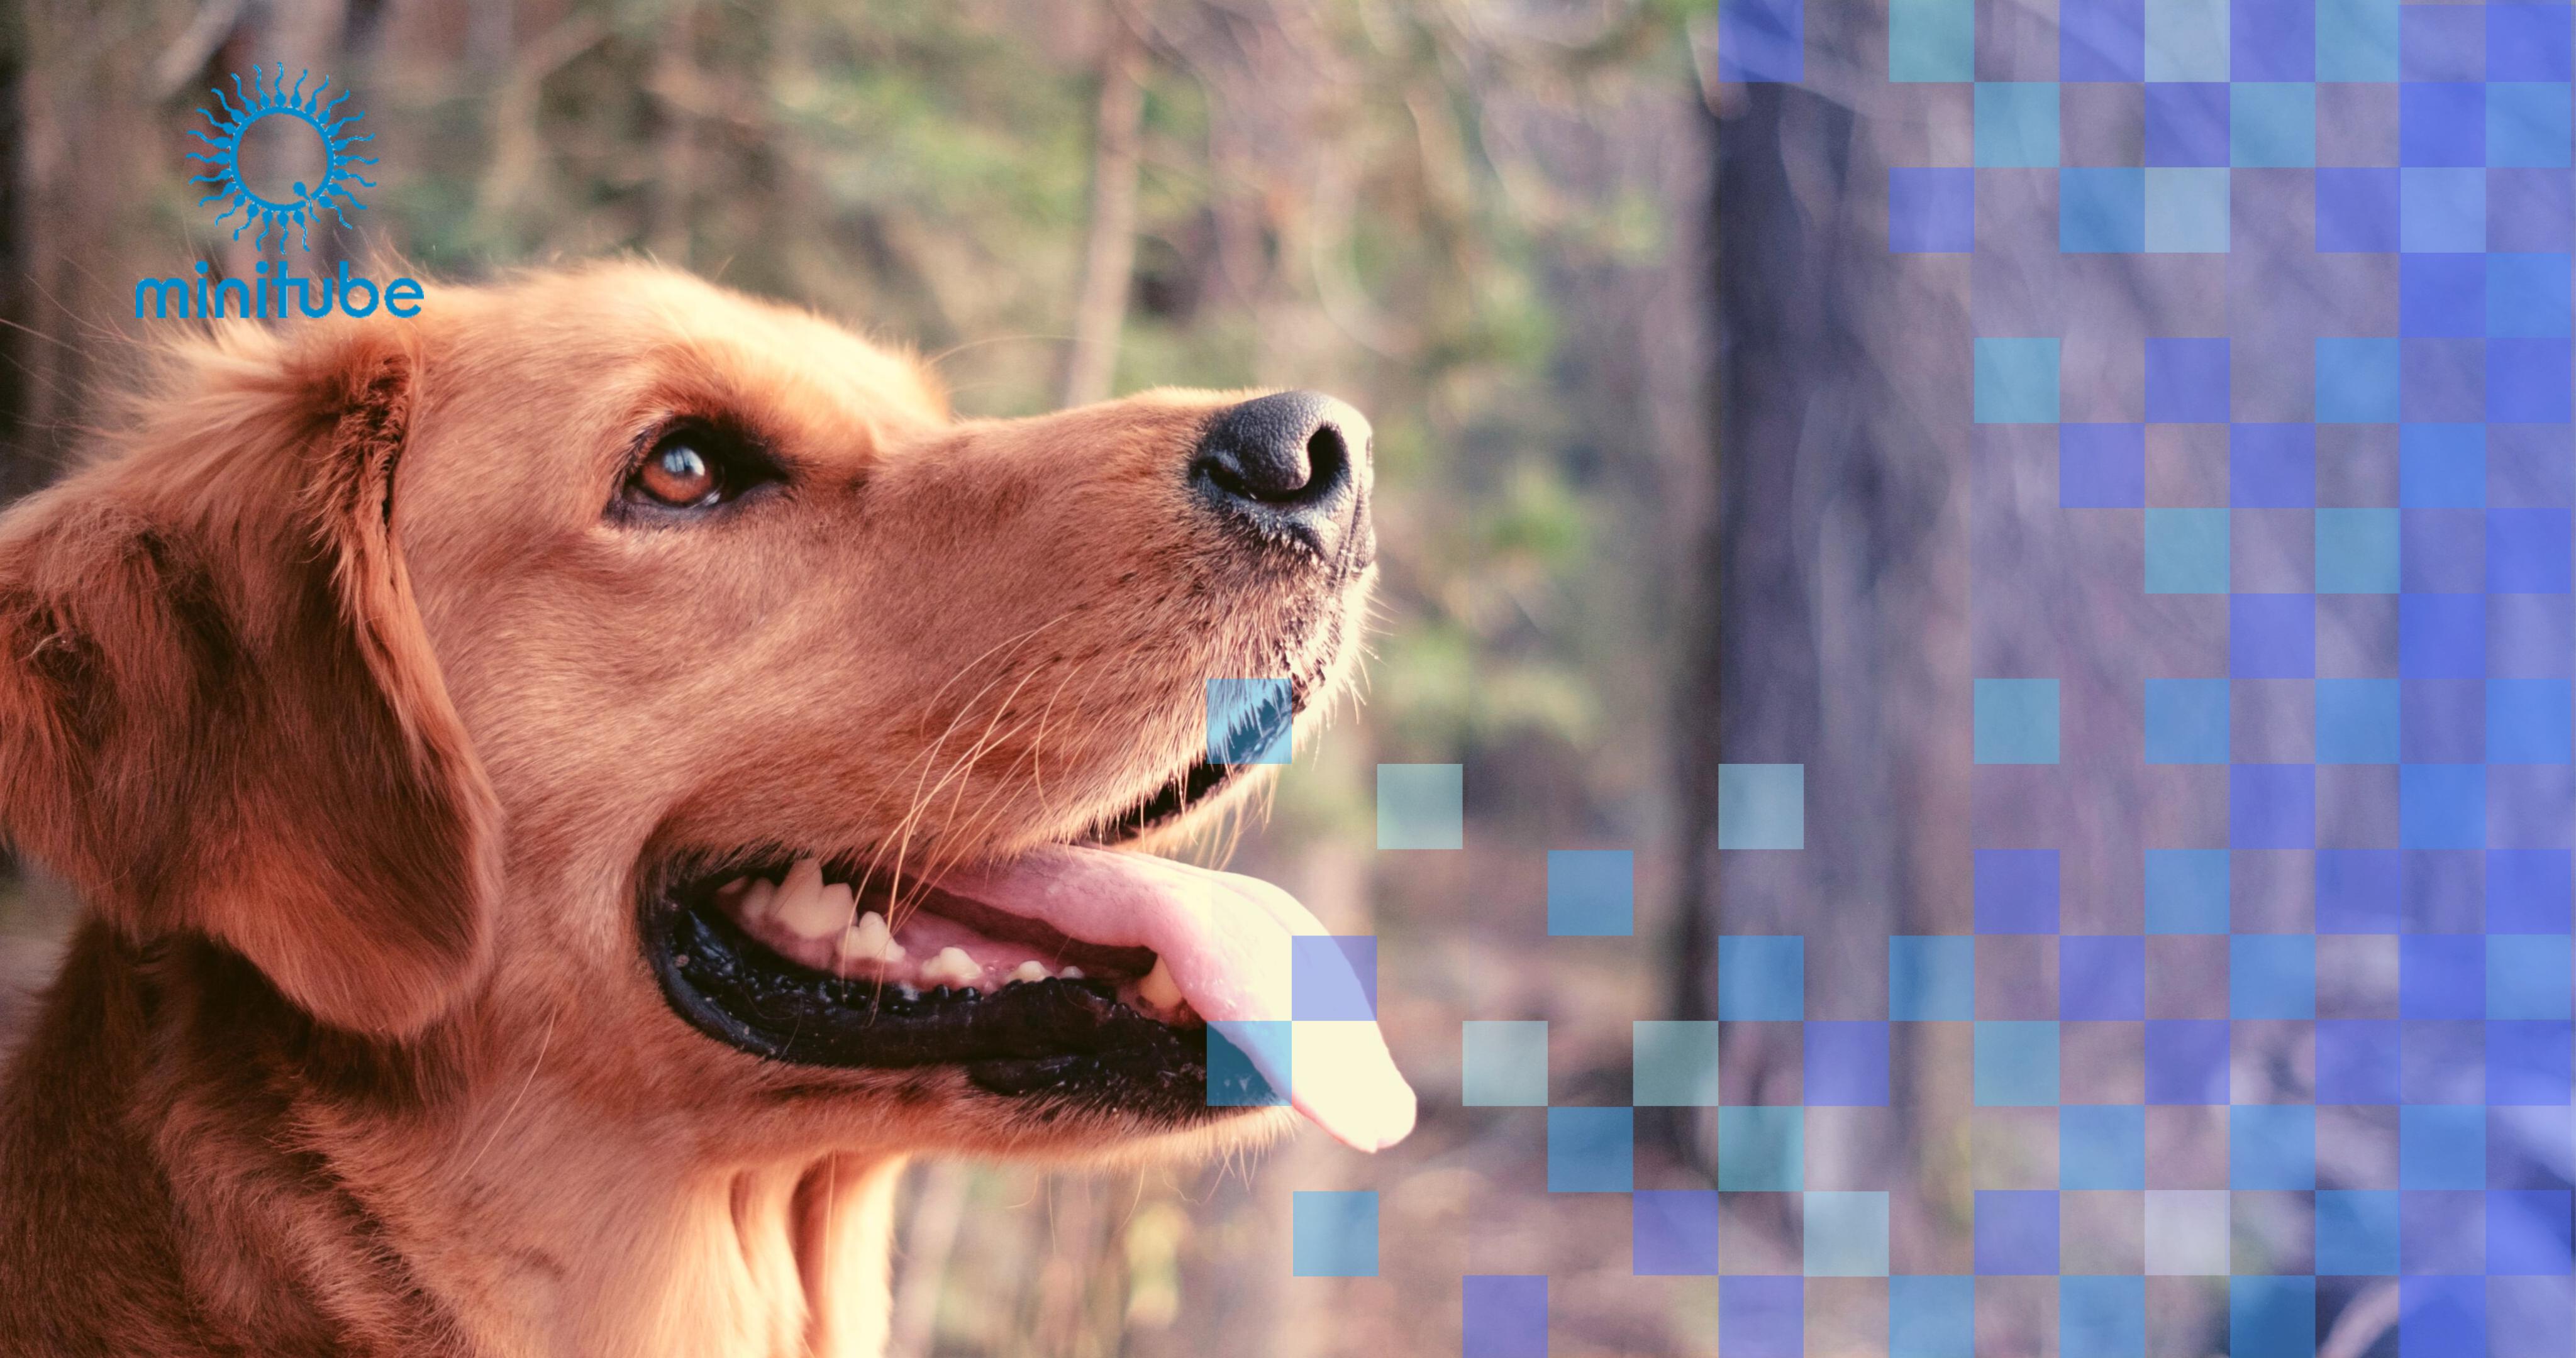 Reproducción animal caninos Minitube | ARBiotech